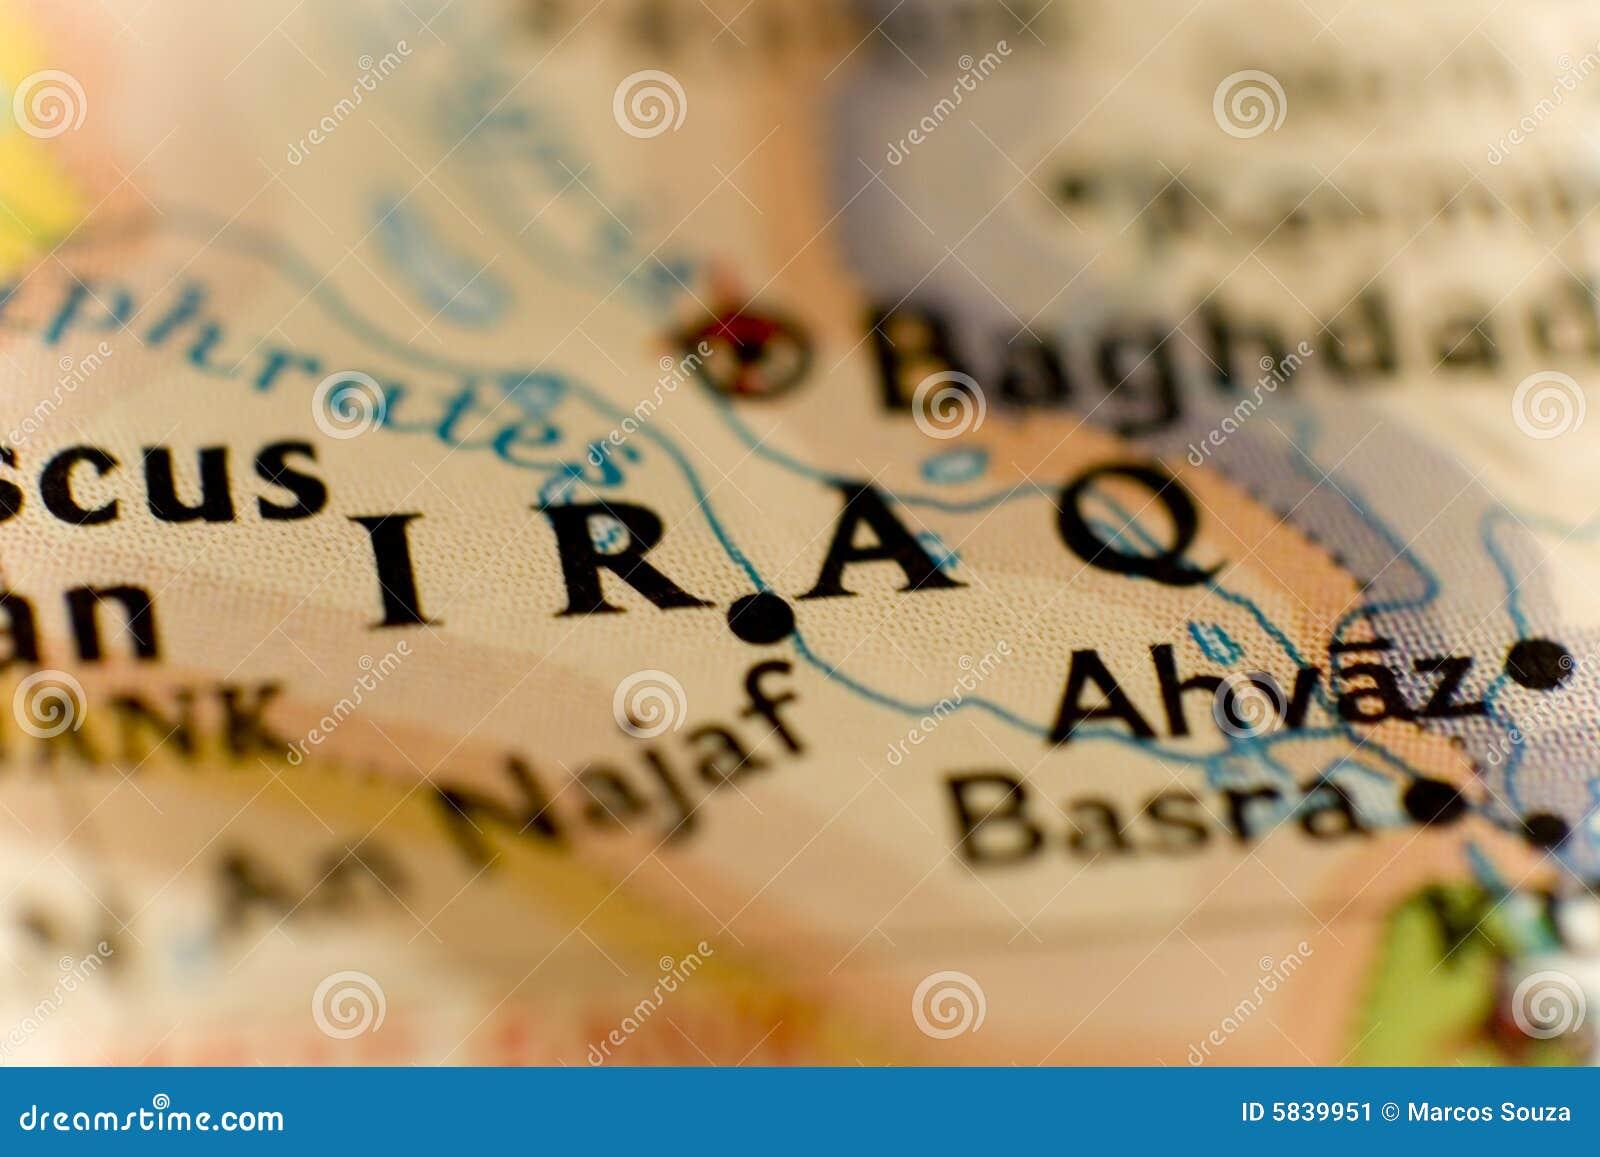 Iraku